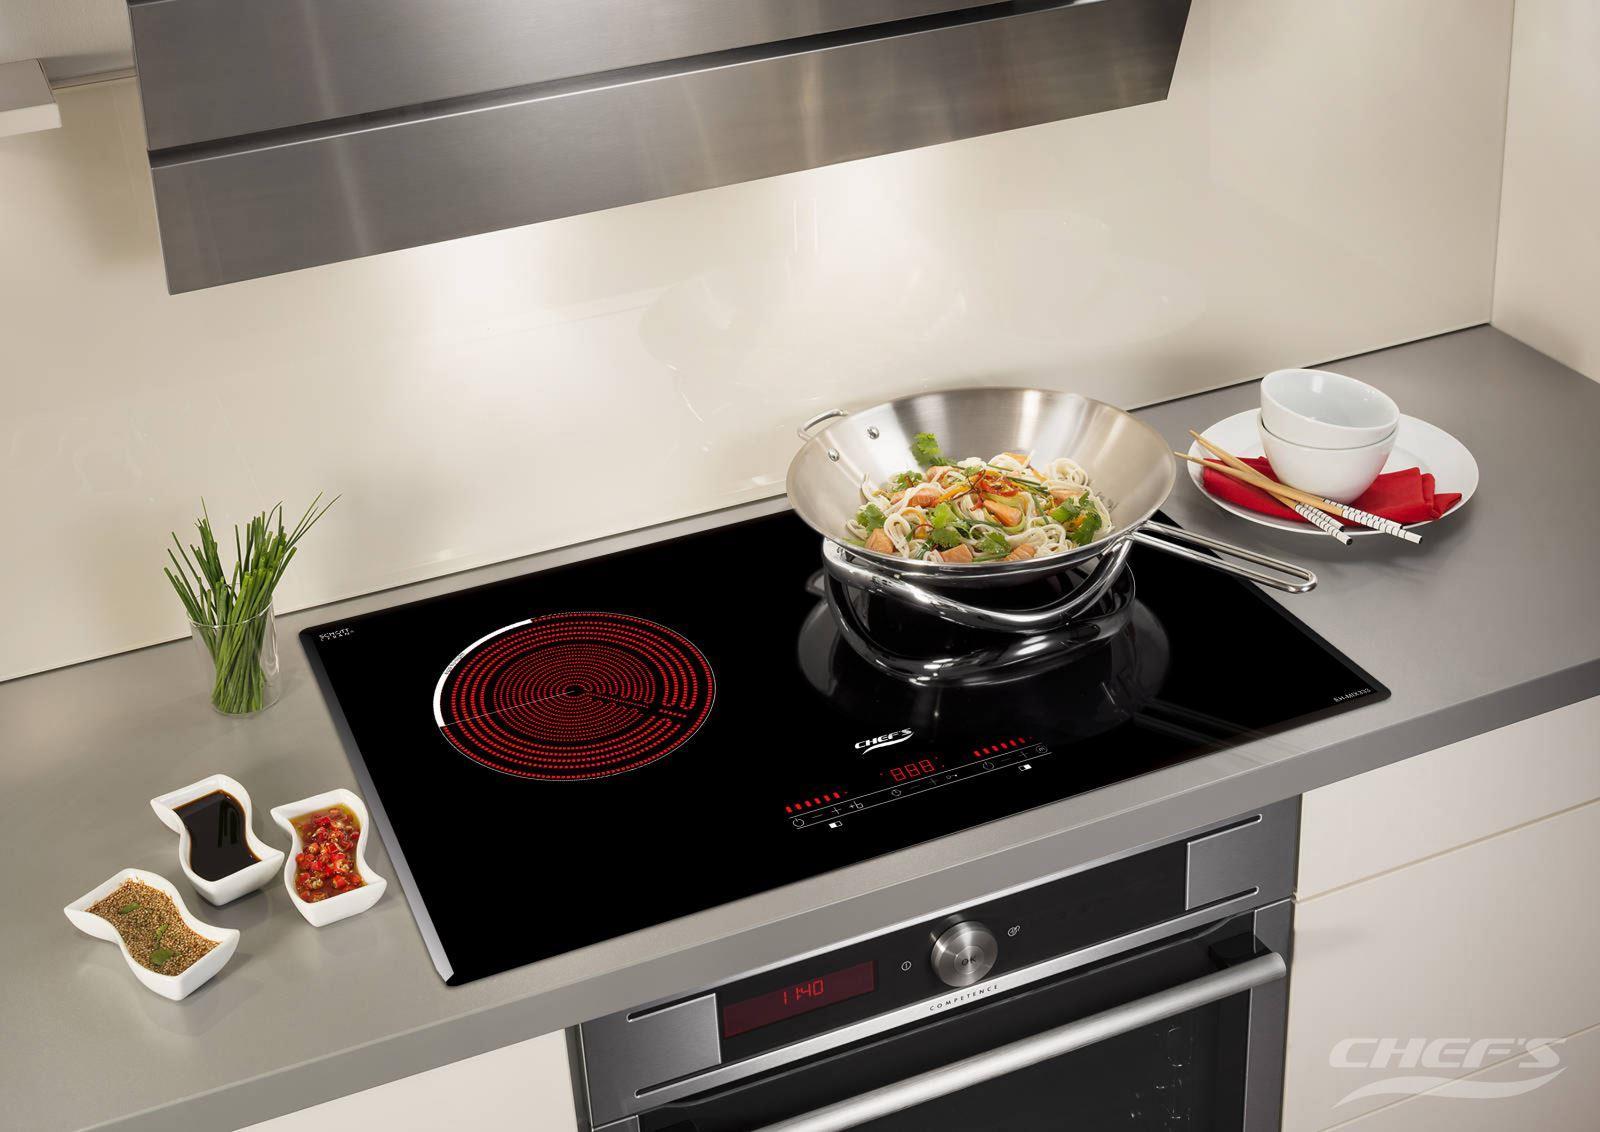 Bếp điện từ hỗn hợp CHEFS EH-MIX333 1